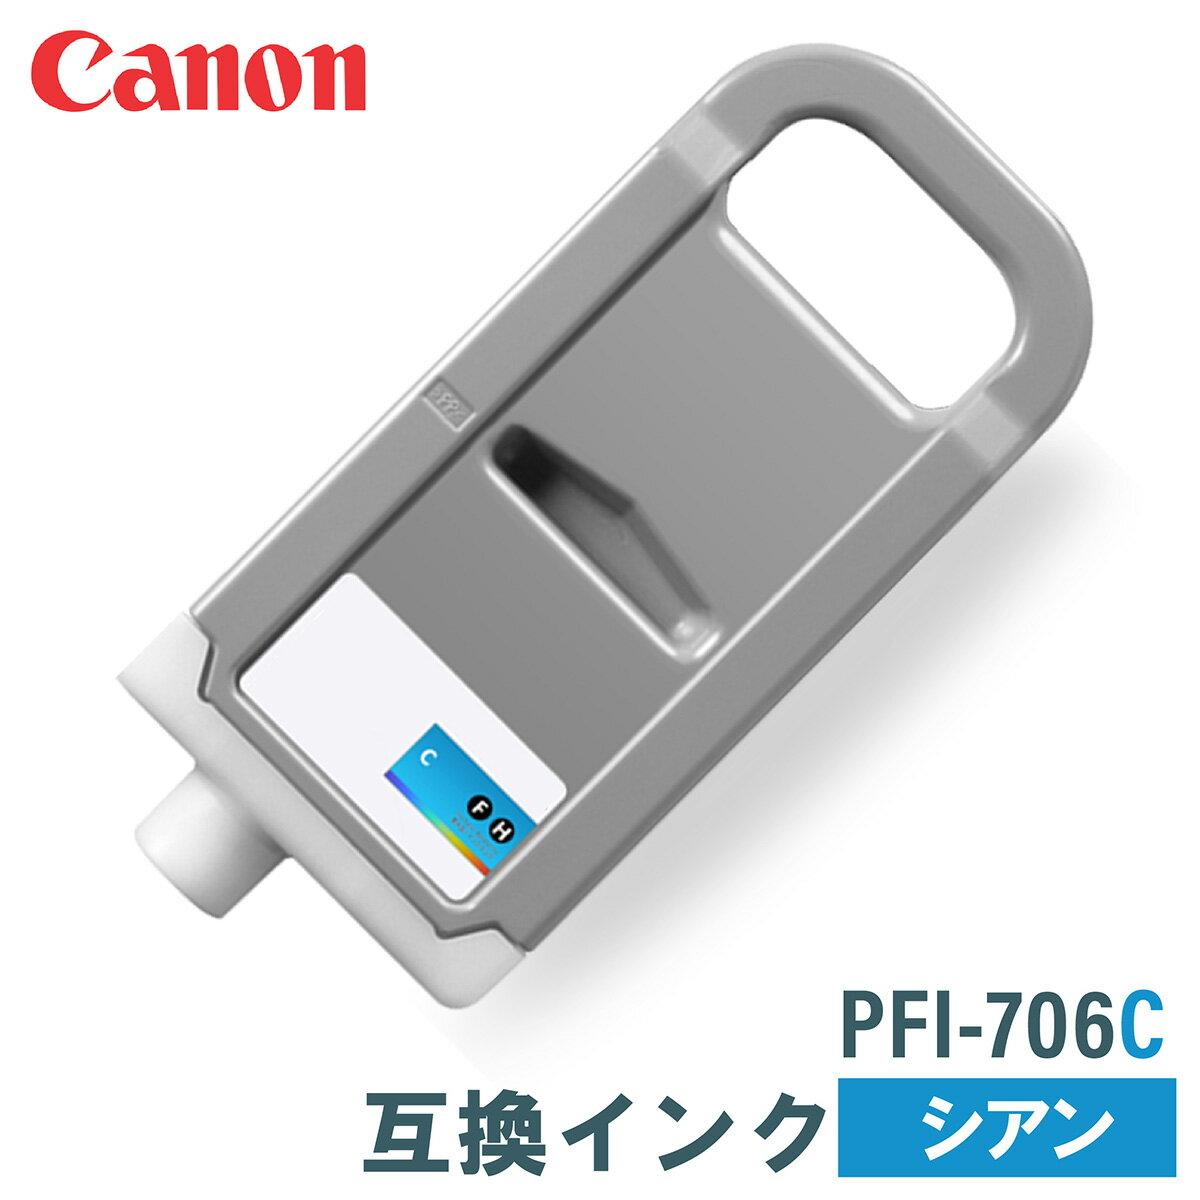 キャノン CANON PFI-706C シアン 700ml 互換インク インクタンク インクカートリッジ 顔料 大判プリンター パソコン周辺機器 低価格 送料無料